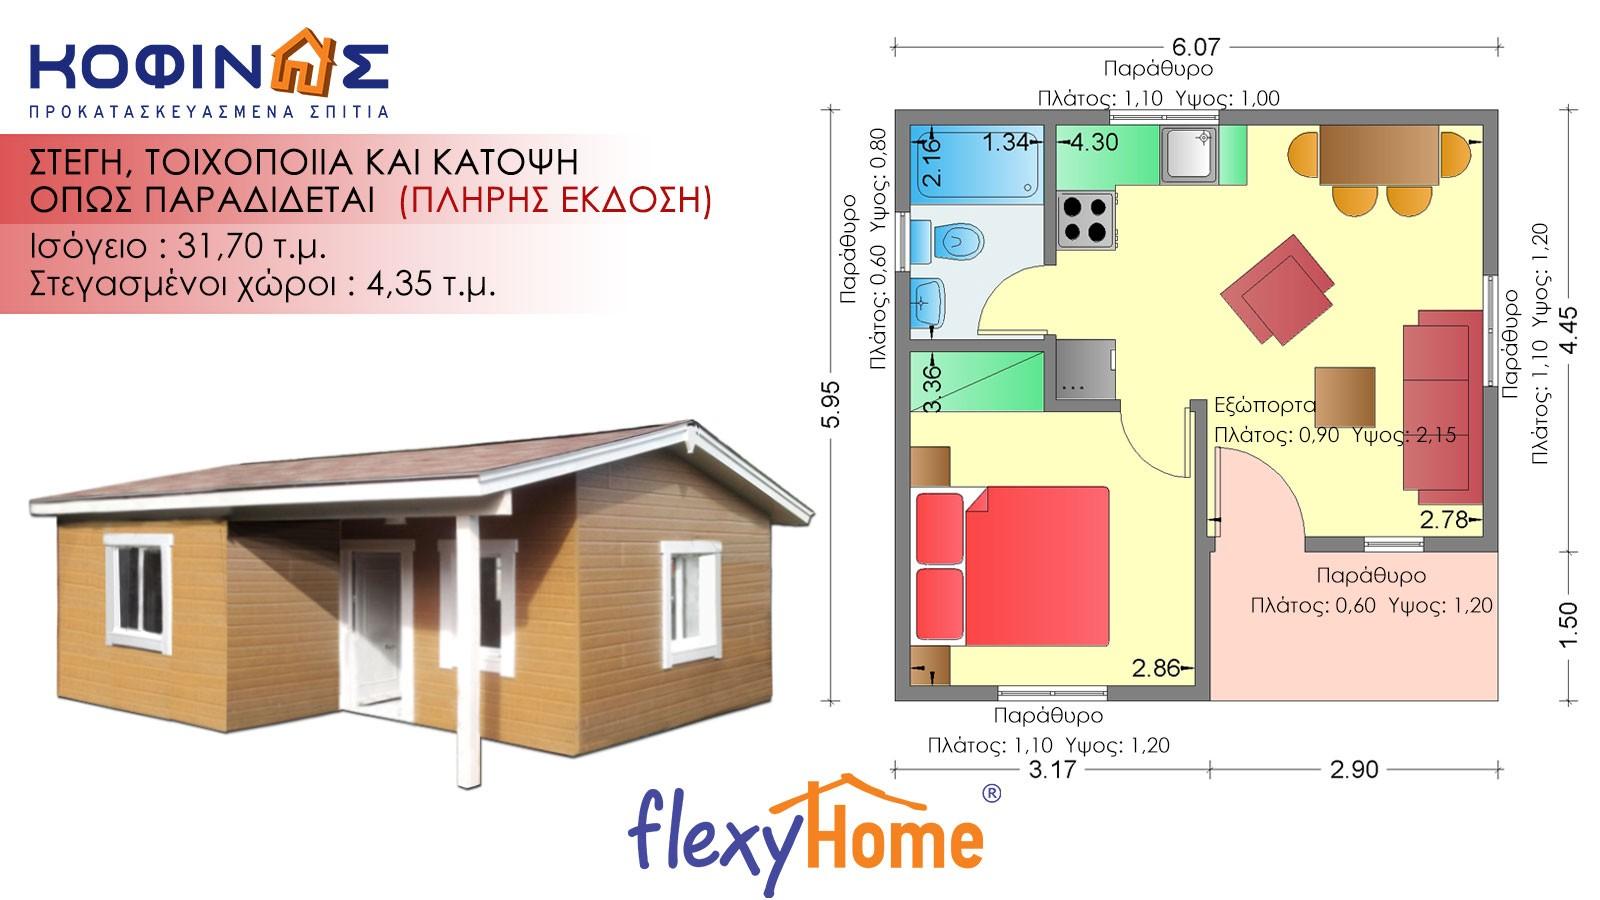 Ισόγεια flexyhome Κατοικία IF-31